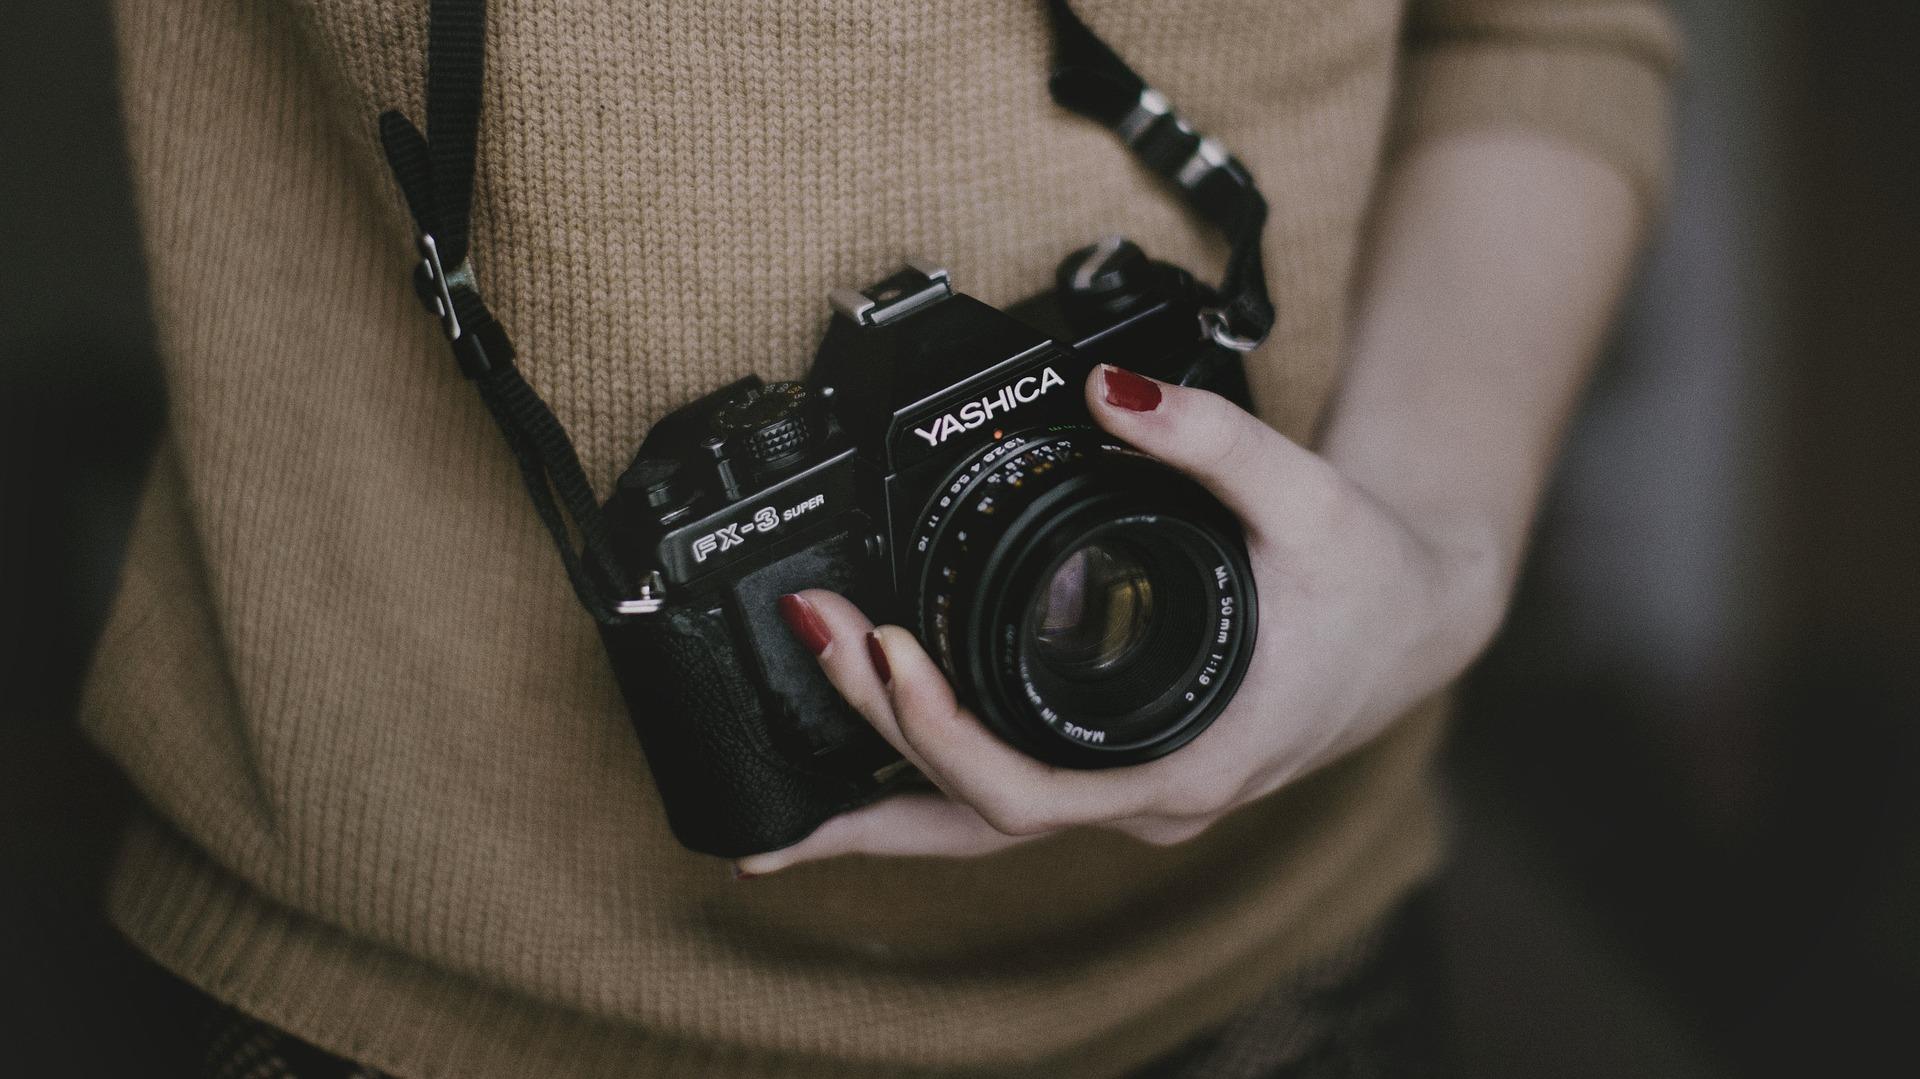 【超初心者向け】最初に選ぶカメラの考え方